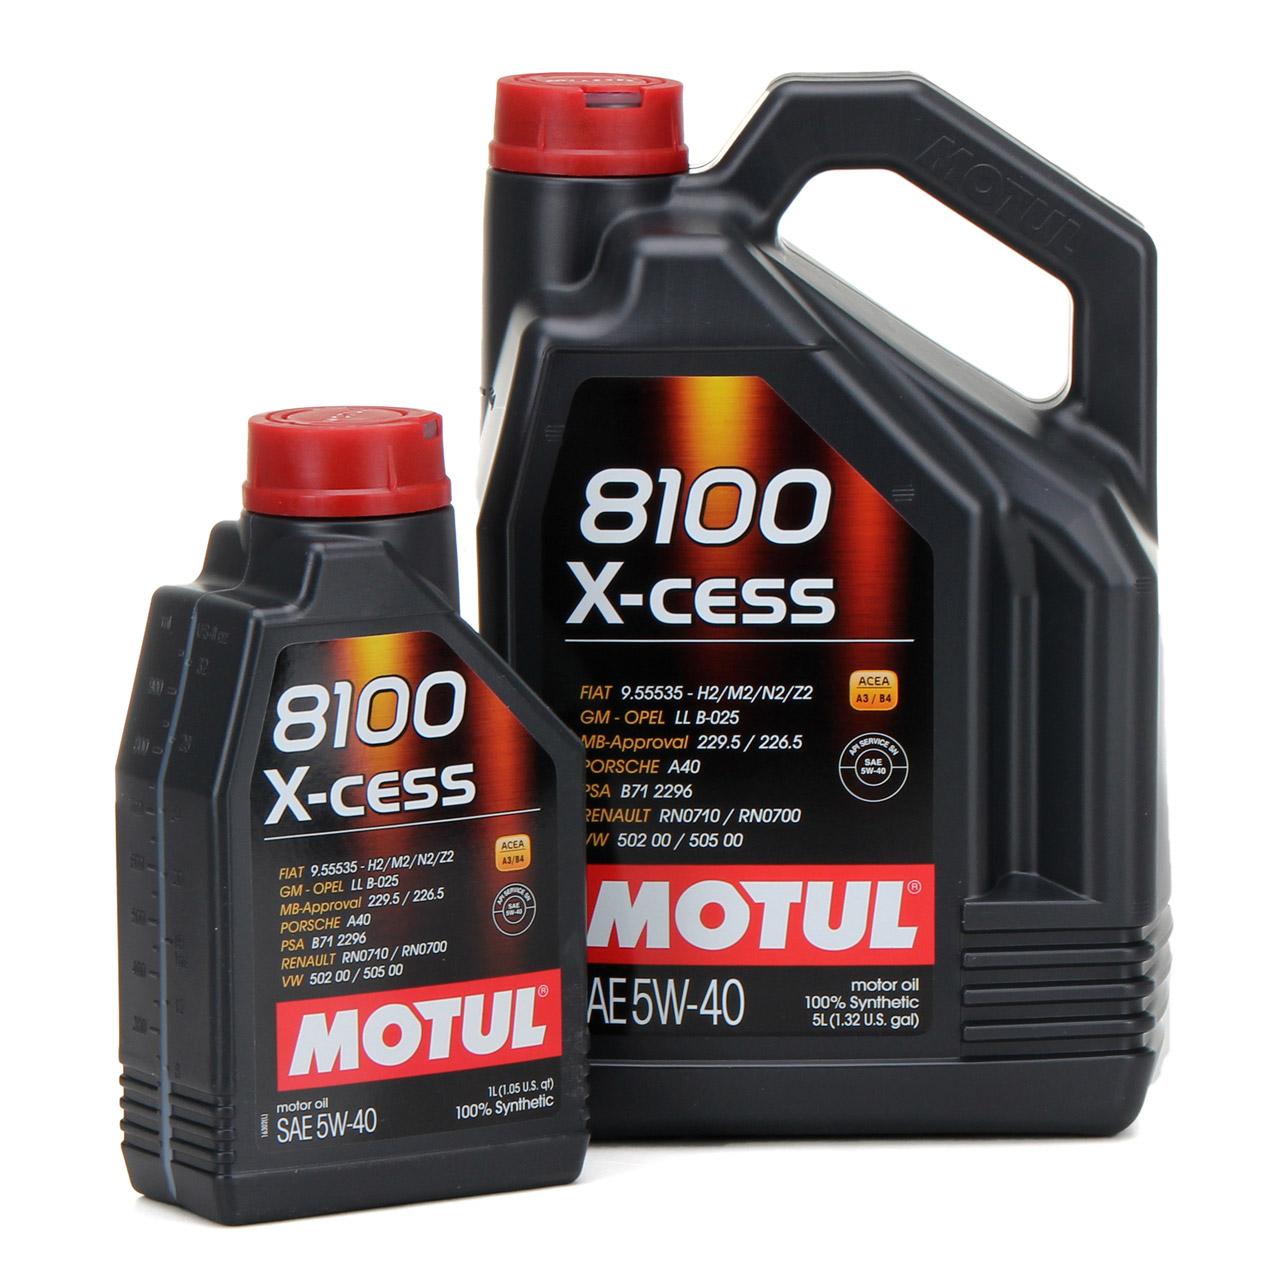 MOTUL 8100 X-cess Motoröl Öl 5W40 MB 229.5/226.5 VW 502.00/505.00 - 6L 6 Liter